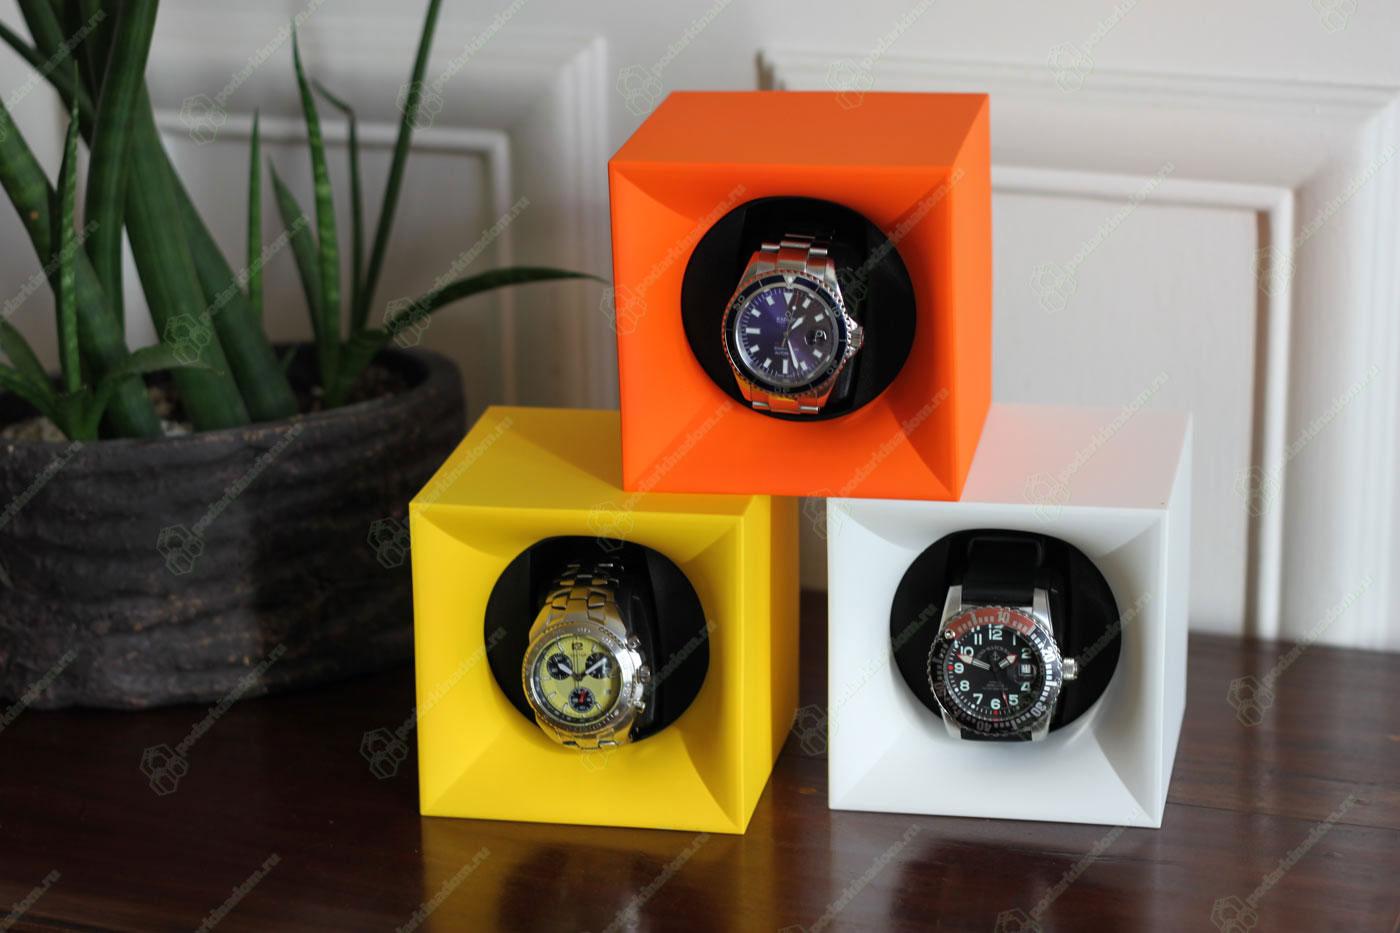 SK01.STB.010 Шкатулка Свисс Кубик ярко оранжевого цвета, выполнена из пластика и работающая от батарейках.